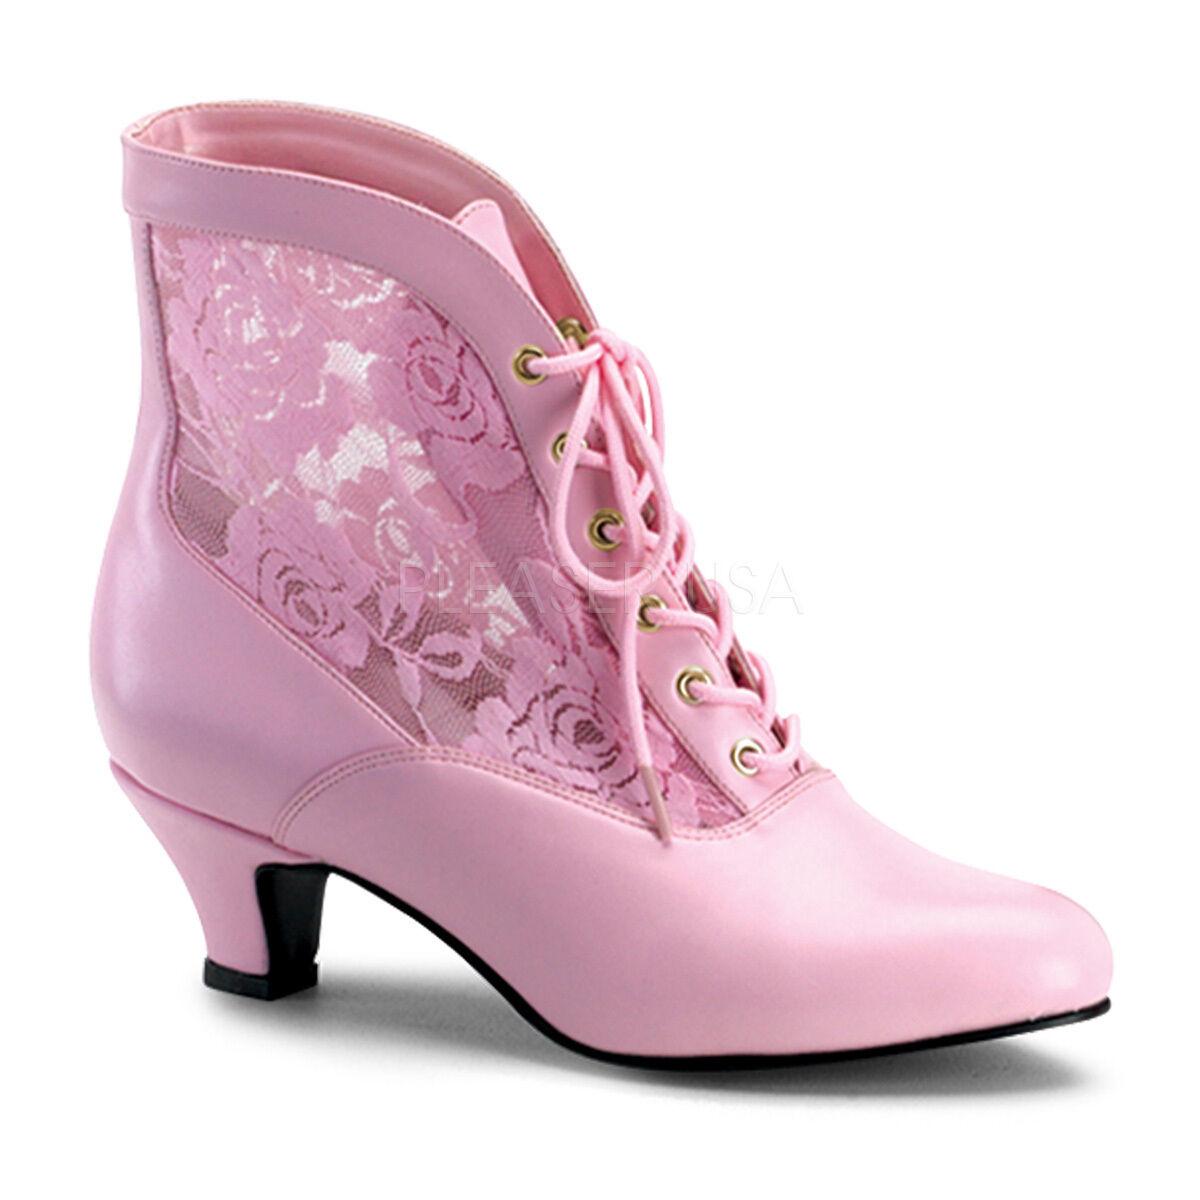 Viktorianische Stiefeletten Dame-05 pink weiß schwarz gold mit Spitze Gr 36-43